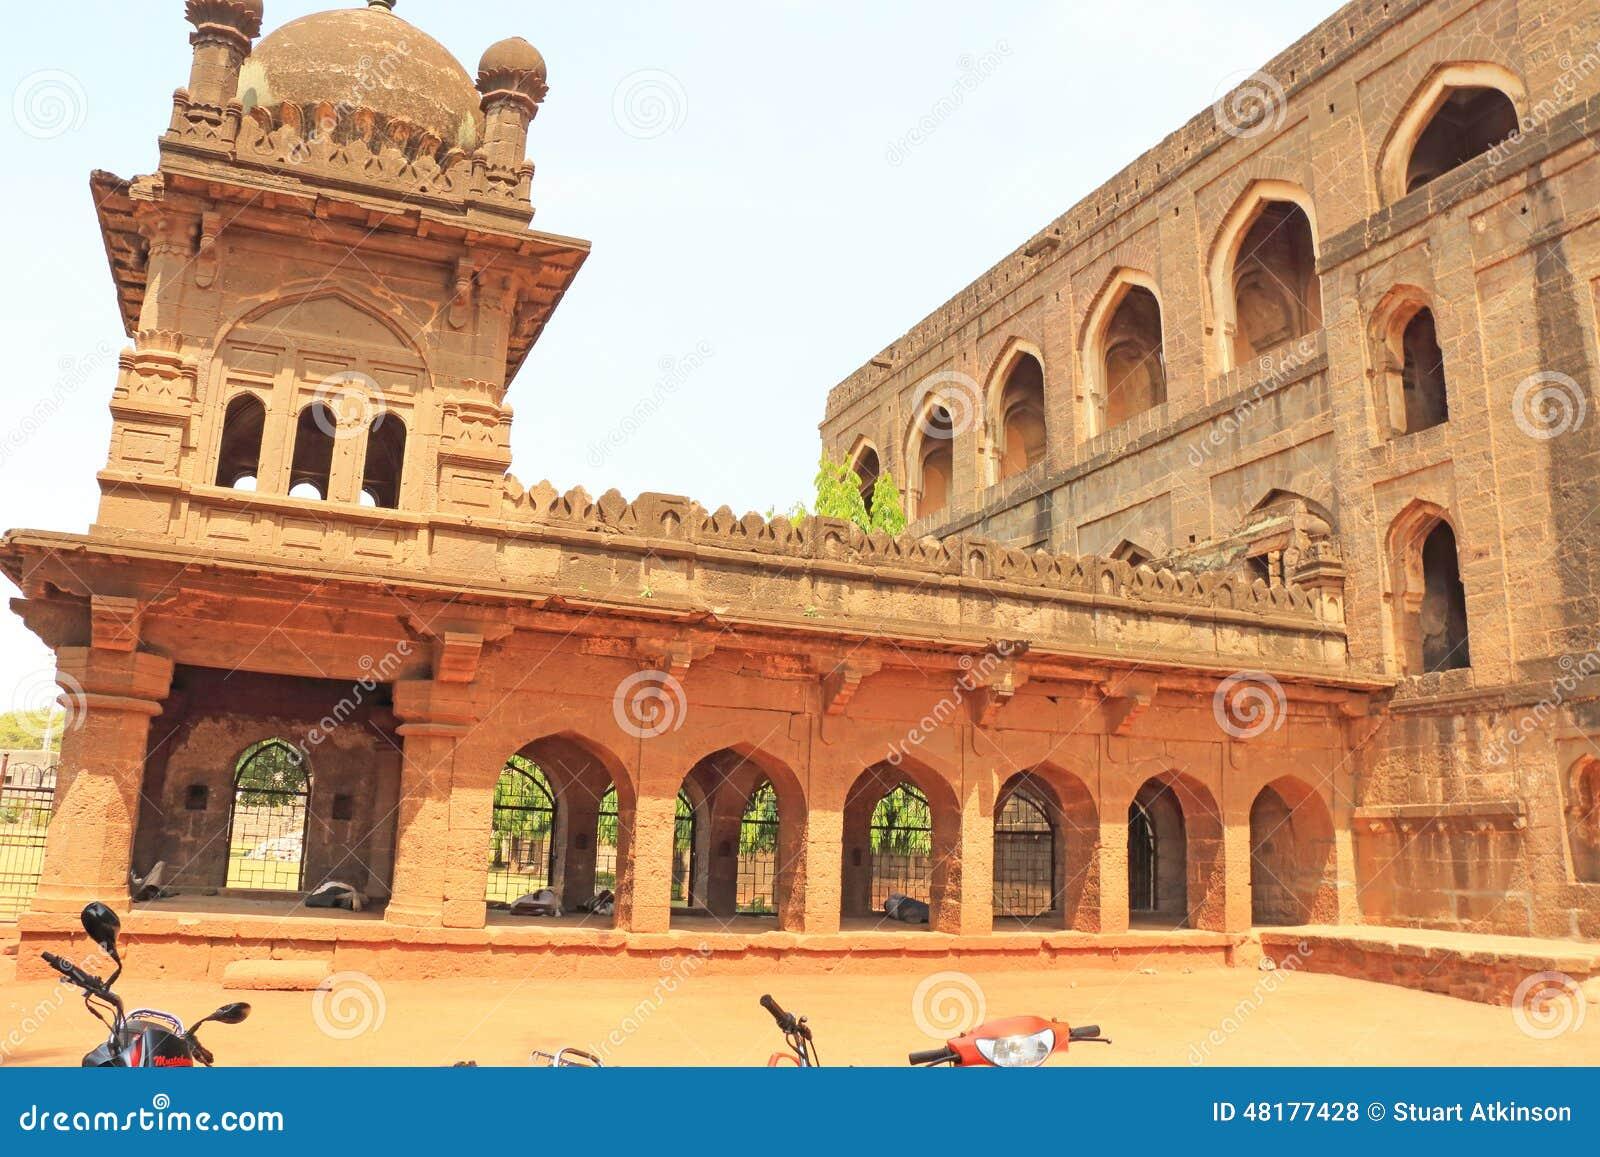 Aincent arquea edificios y arruina el bijapur Karnataka la India